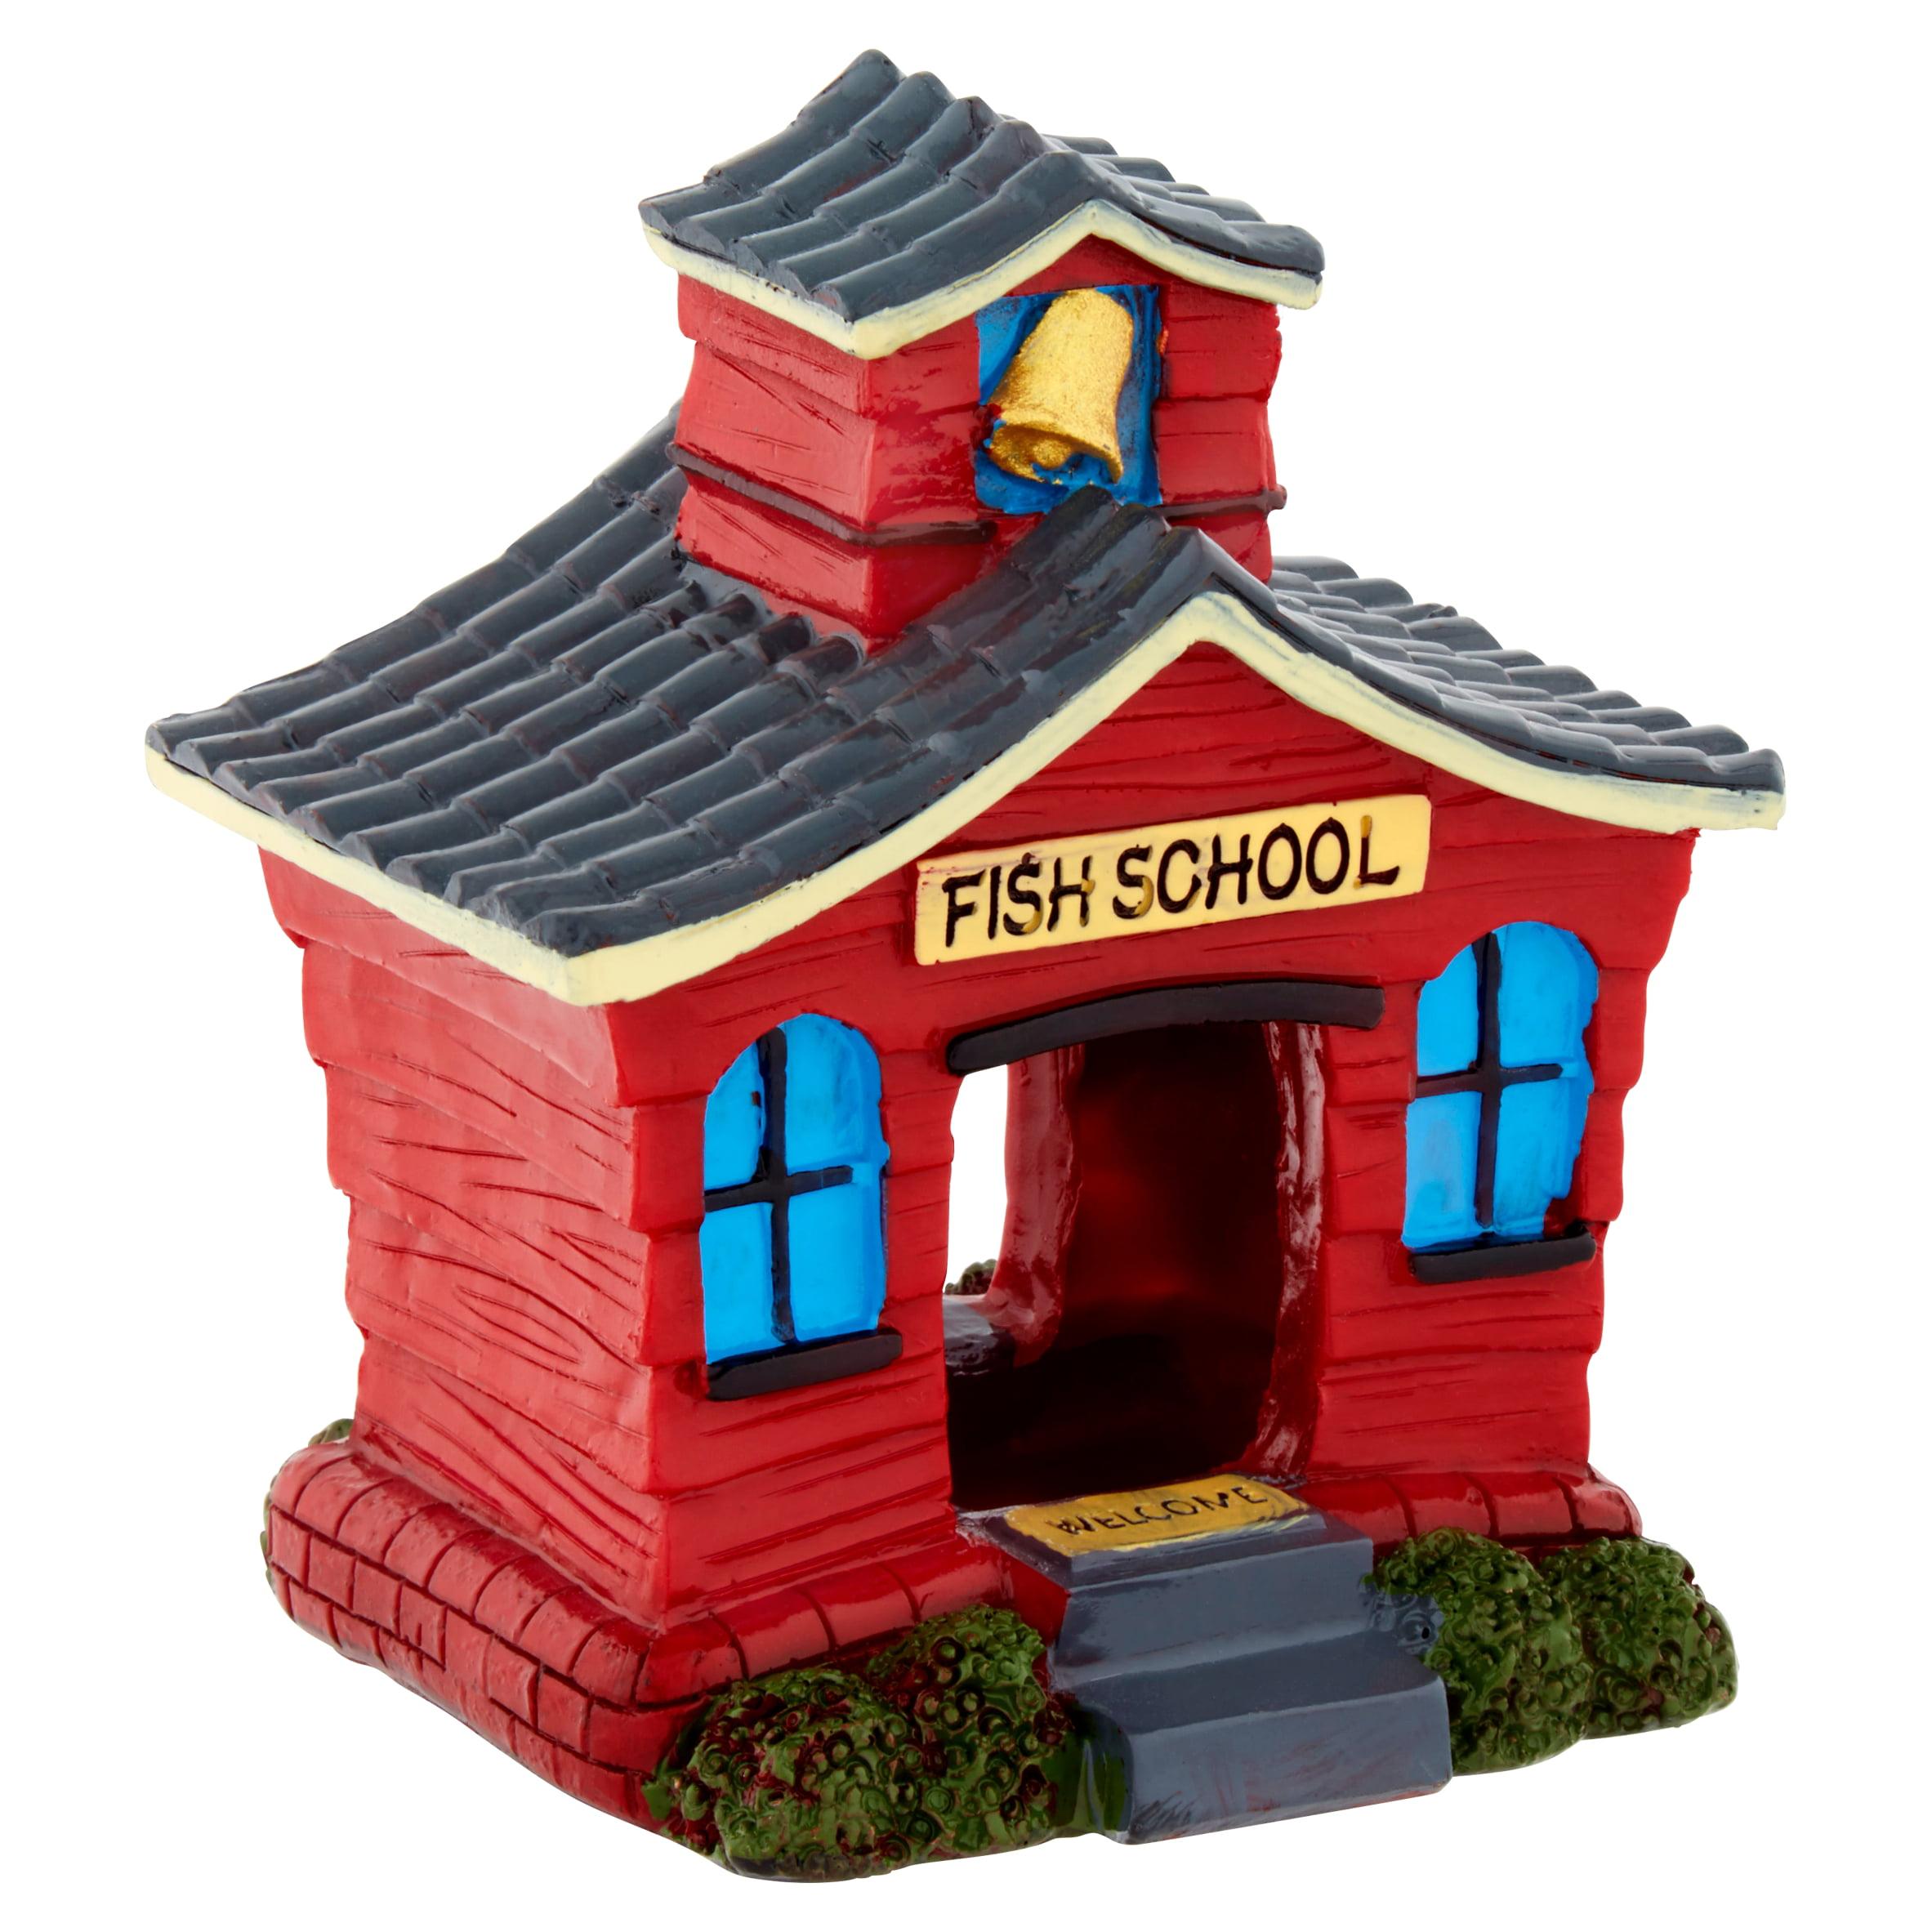 Aqua Culture Red Fish School Aquarium Ornament by Wal-Mart Stores, Inc.